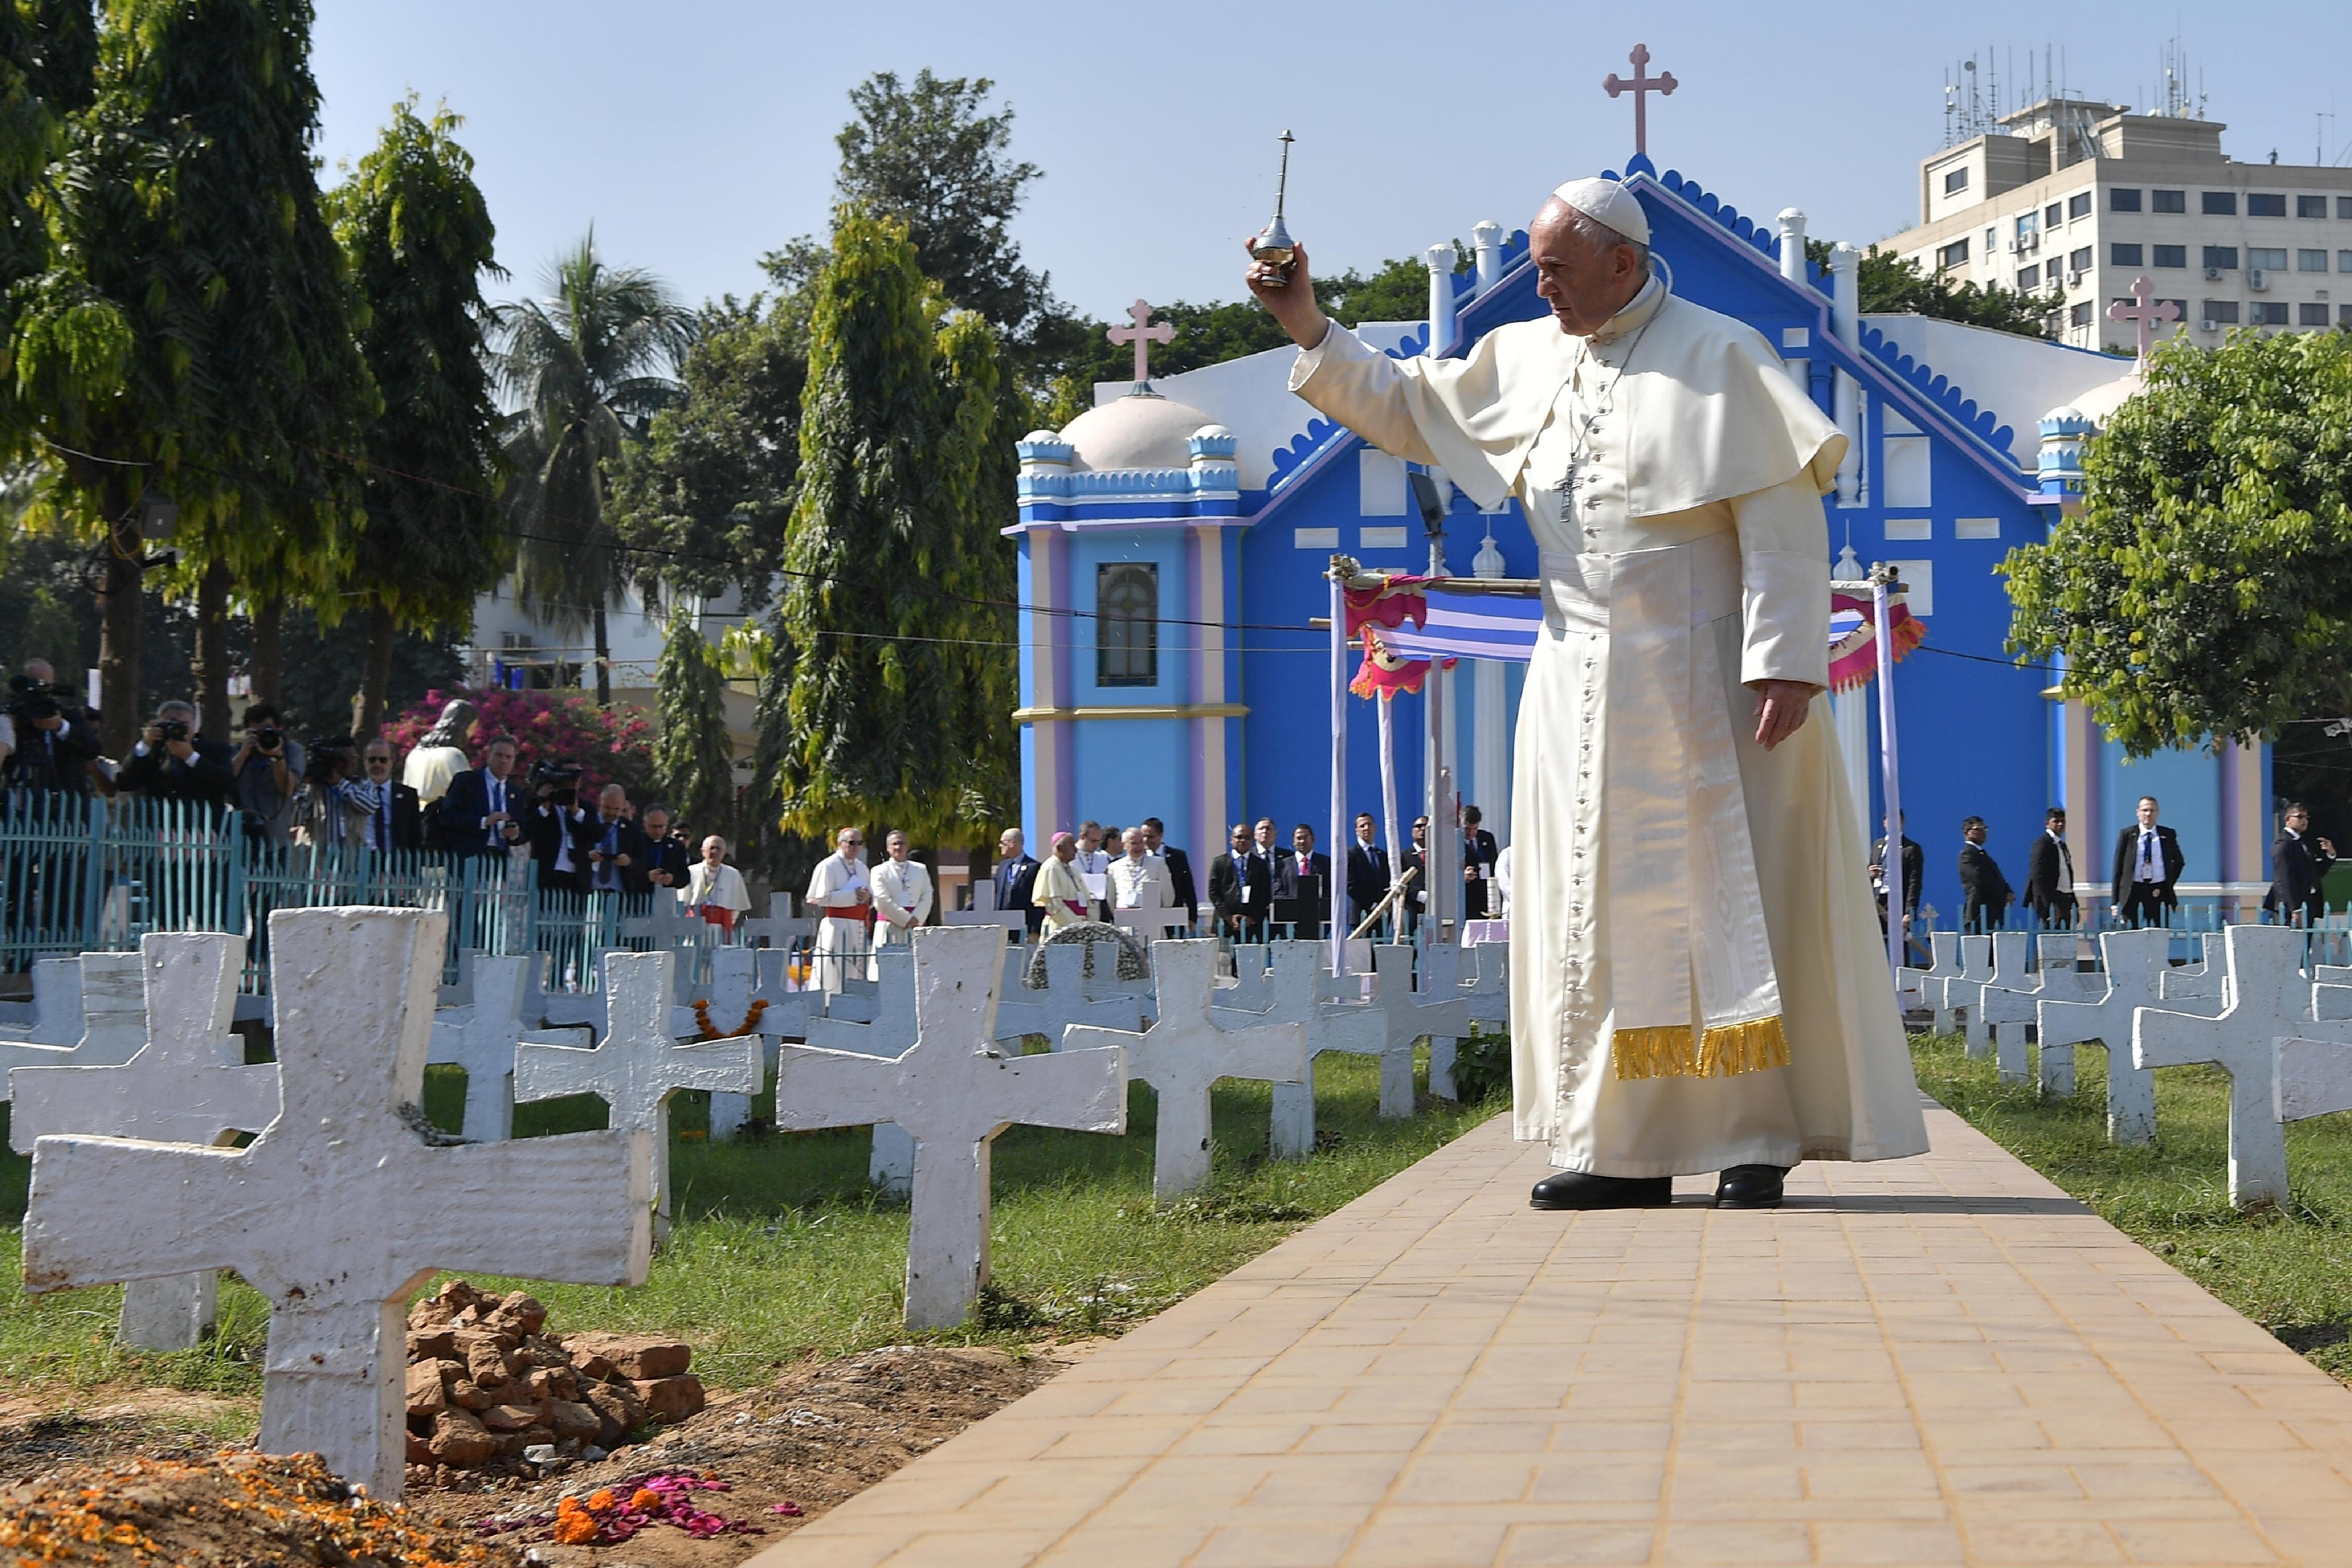 El Papa ha bendecido el cementerio y ha rezado ante las tumbas © L'Osservatore Romano